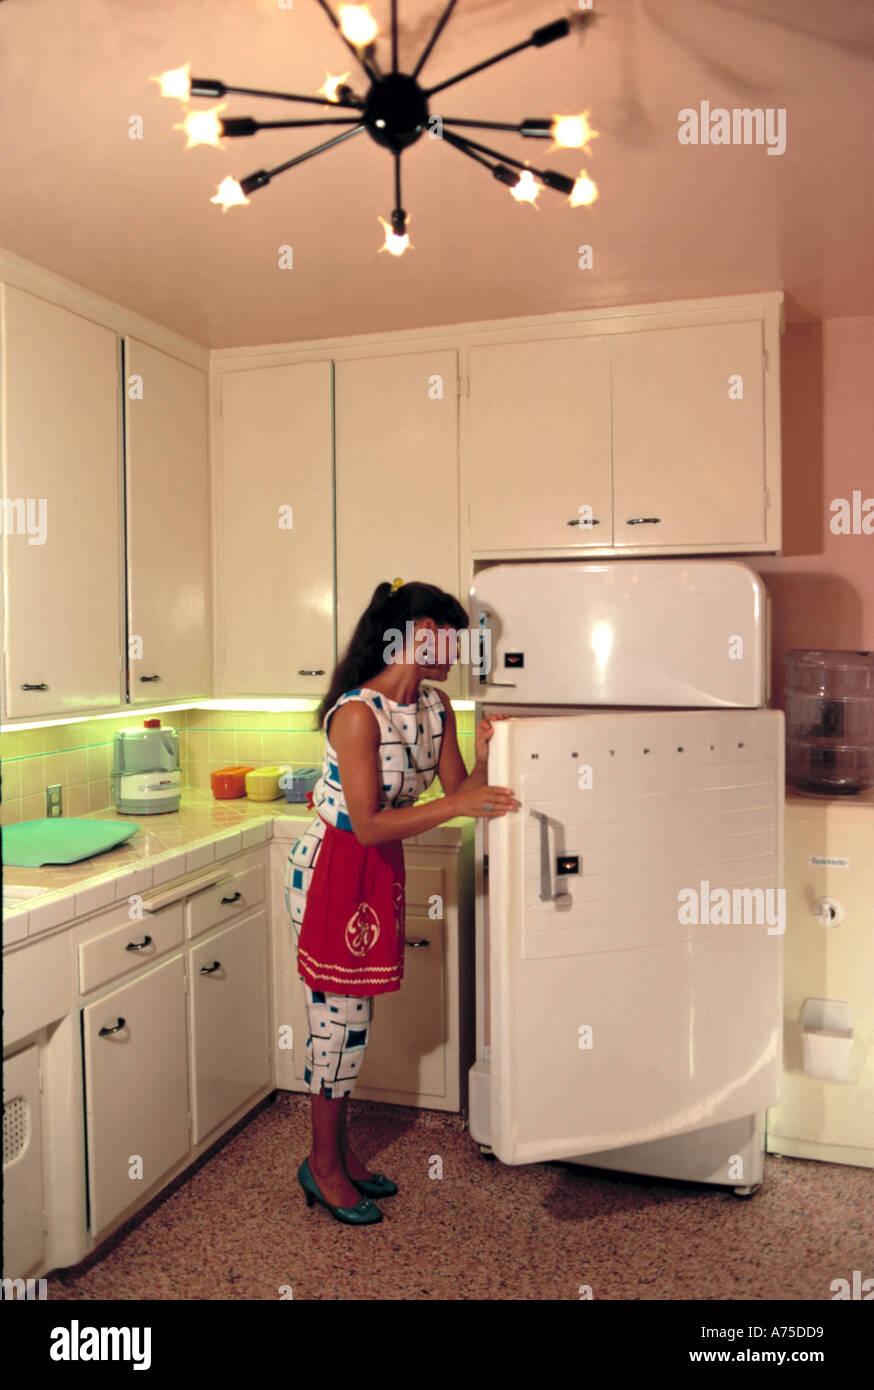 1950 Kitchen Stockfotos & 1950 Kitchen Bilder - Alamy